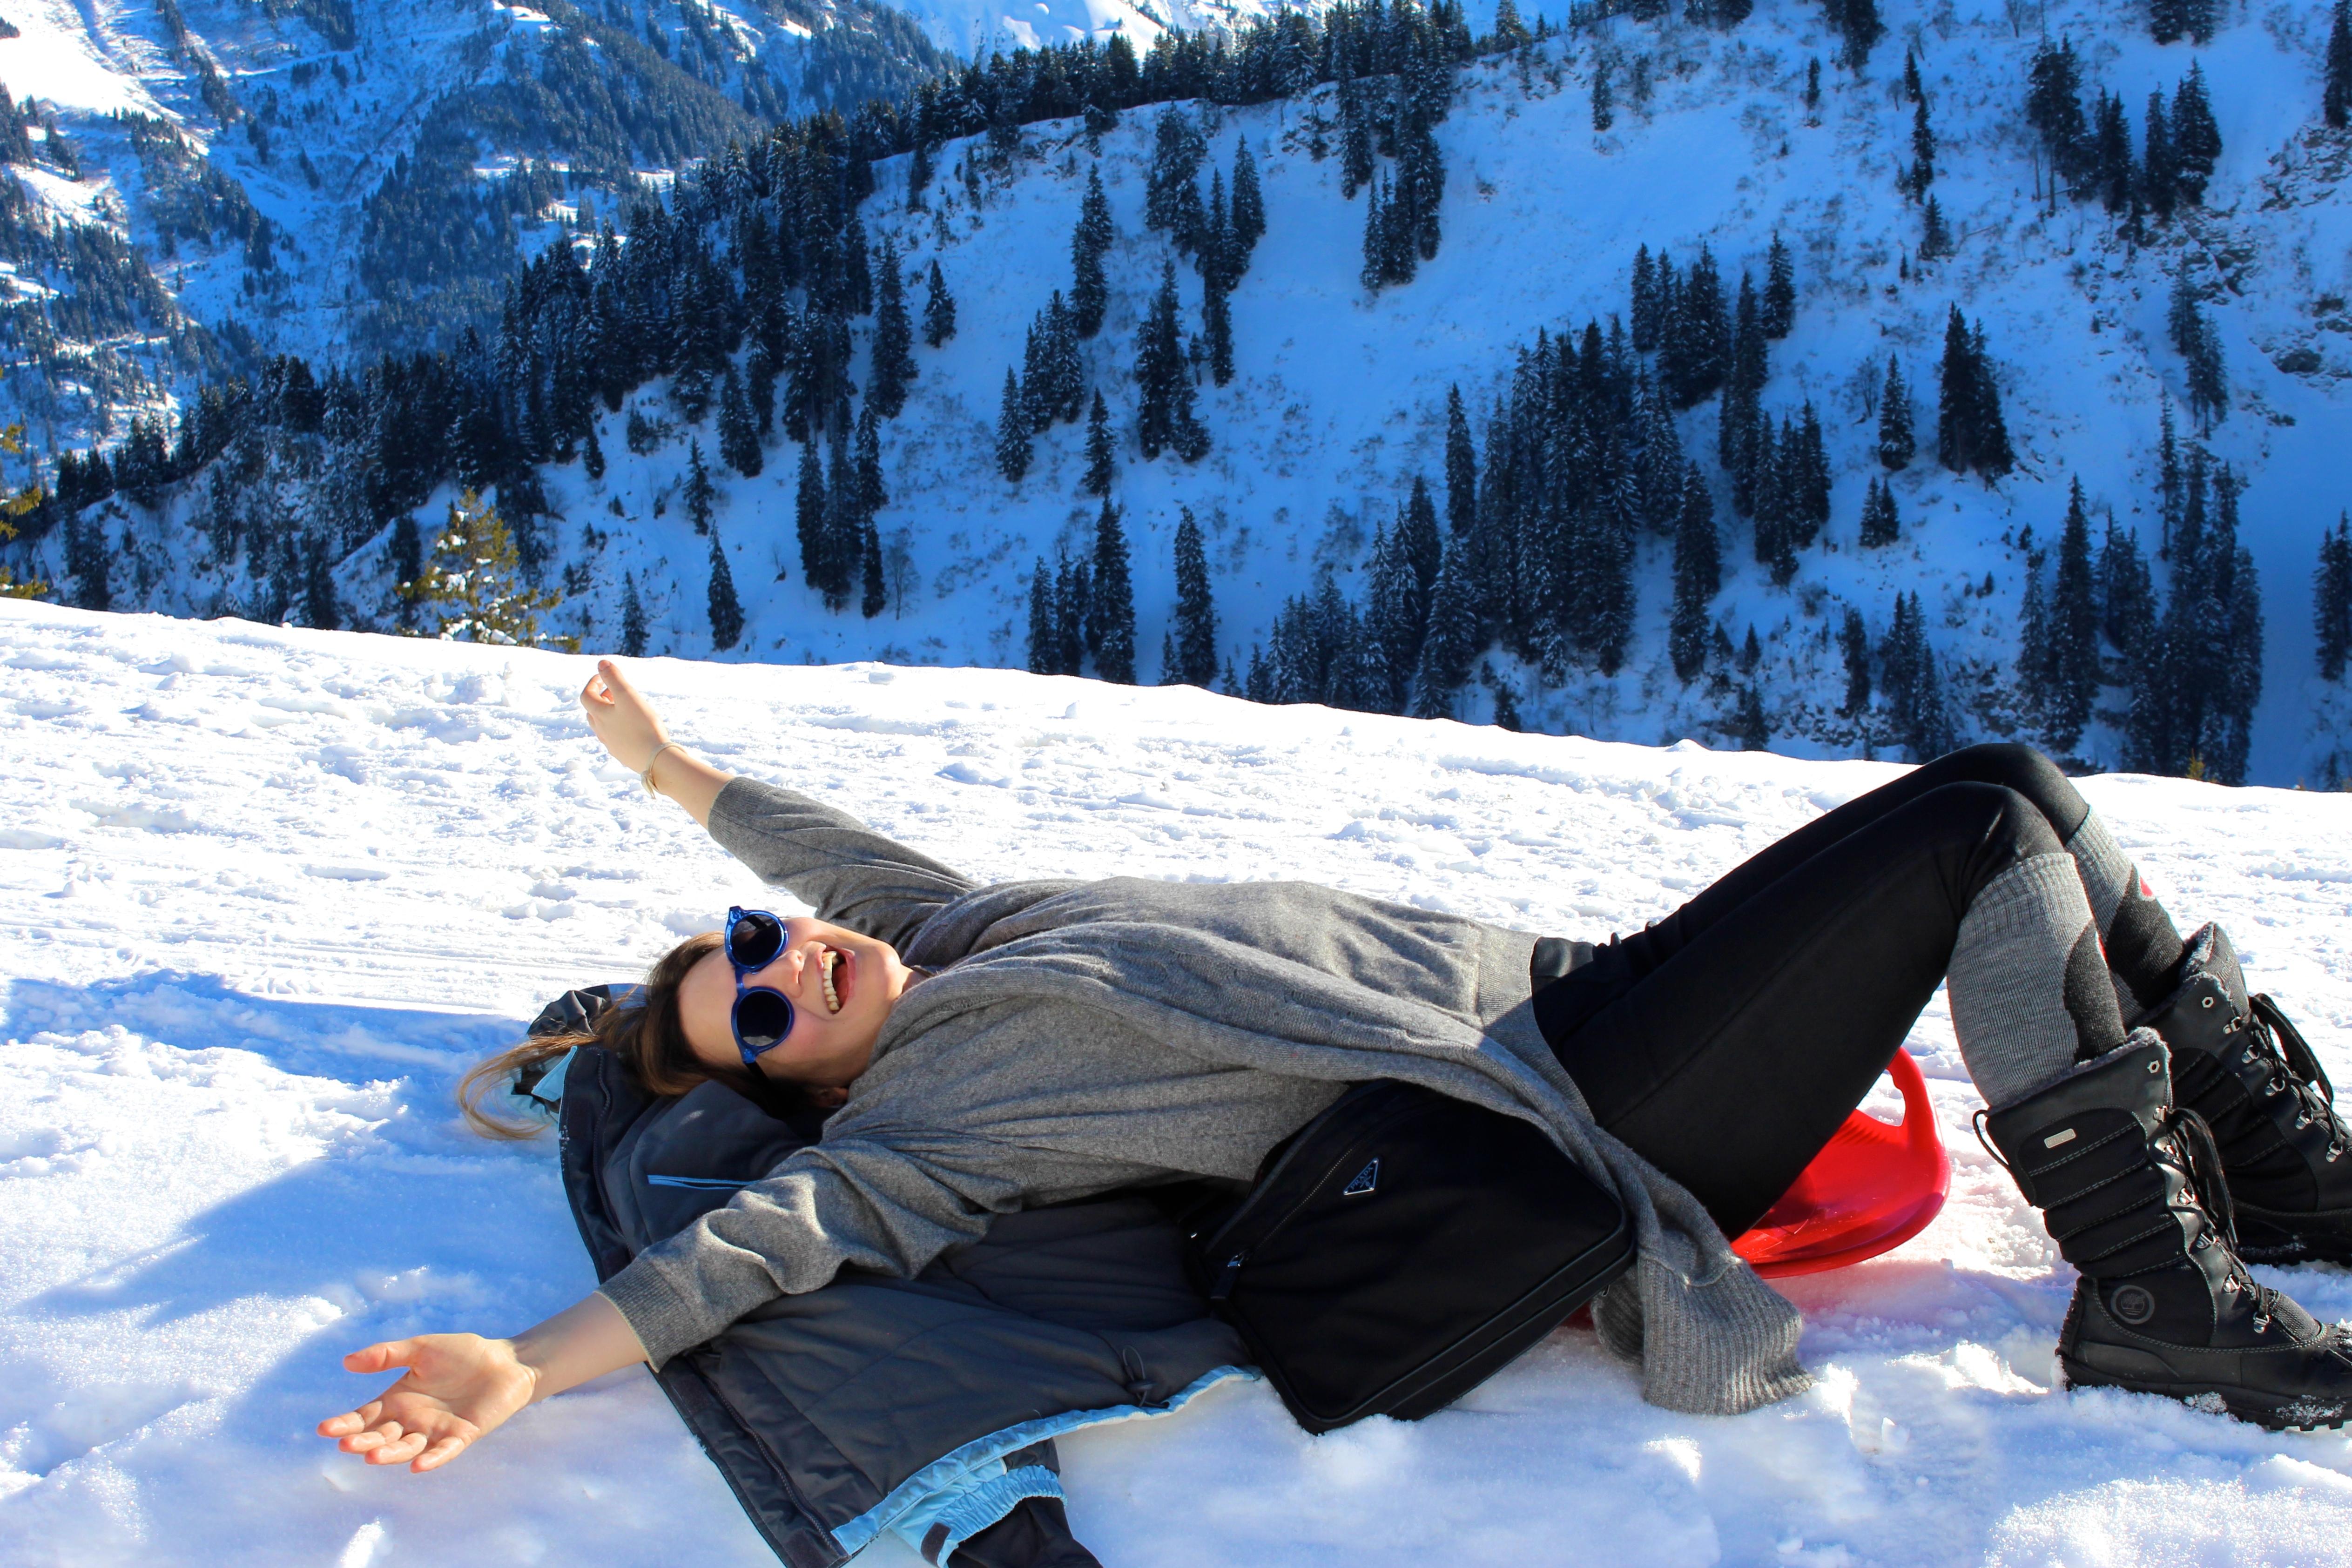 Skiing panic Disorder